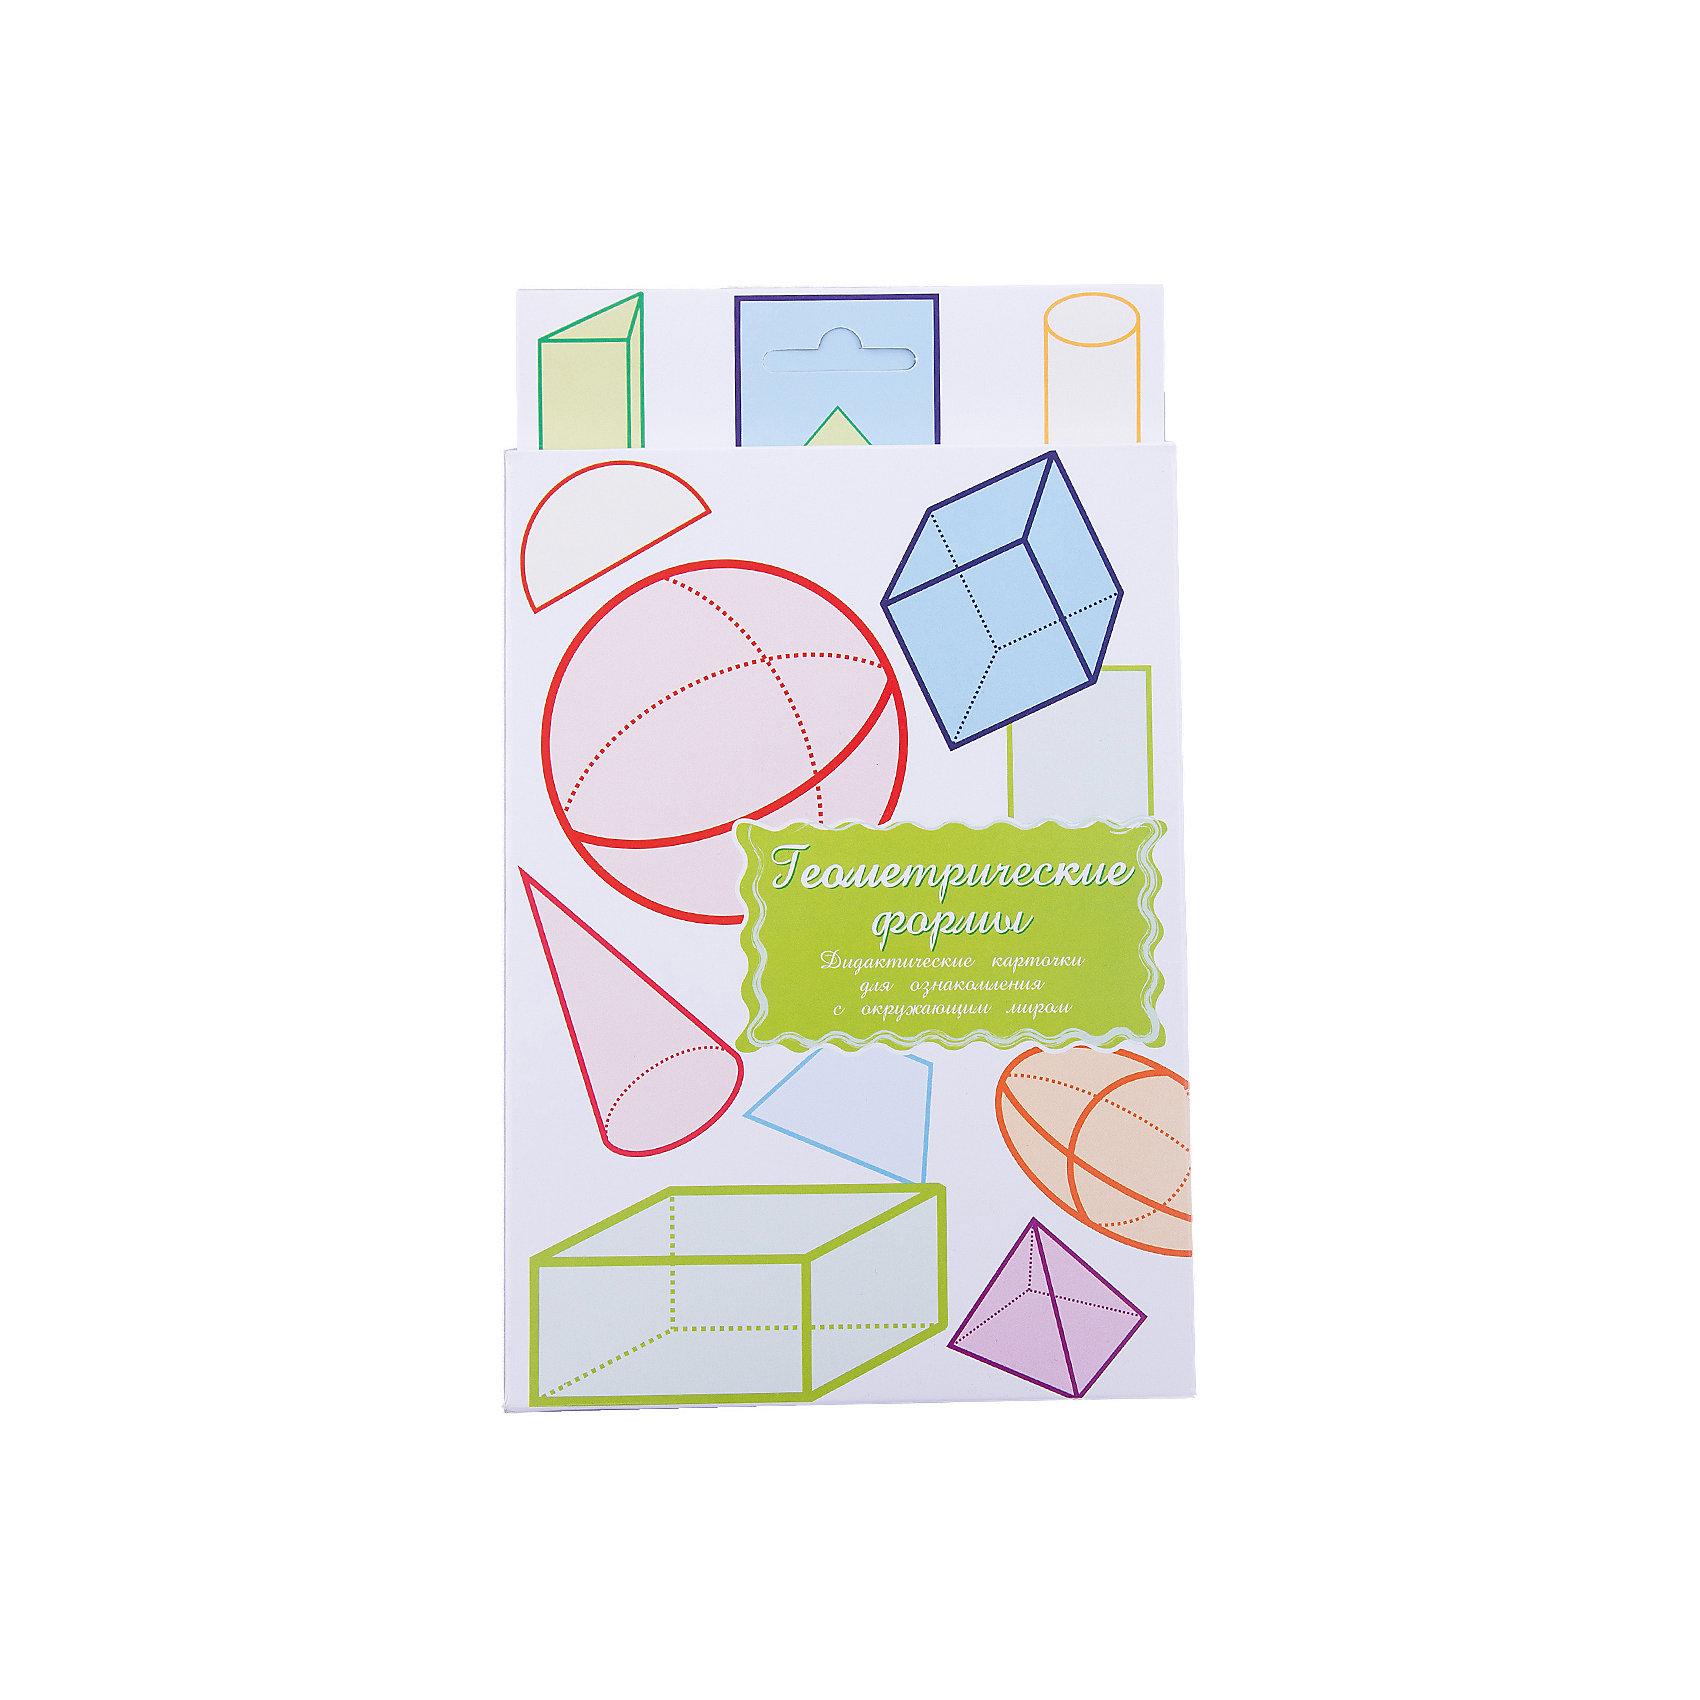 Дидактические карточки Геометрические формы, Маленький генийОбучающие карточки<br>Дидактические карточки Геометрические формы, Маленький гений.<br><br>Характеристики:<br><br>• Количество карточек: 16<br>• Размер карточек: 25х15 см.<br>• Материал: картон<br>• Упаковка: картонный блистер с европодвесом<br>• Размер упаковки: 25,2х15,1х1 см.<br><br>Дидактические карточки с крупными яркими картинками познакомят малыша с геометрическими фигурами: треугольником, овалом, прямоугольником, кругом, полукругом, шаром, эллипсоидом, ромбом, квадратом, пирамидой, конусом, призмой, трапецией, цилиндром, параллелепипедом, кубом. В набор входит 16 карточек. На одной стороне каждой карточки изображена фигура, а на обратной стороне дано ее описание: внешний вид, интересные факты. Совсем маленькому ребенку можно просто показывать карточки и называть фигуры. Когда он запомнит их, можно просить его найти карточку с той или иной фигурой или назвать фигуру, которую Вы ему показываете. <br><br>Старшим детям читайте описания на обороте карточки. Предложите разделить карточки на две группы — с плоскими и объемными фигурами. Рисуйте с ребенком фигуры на листе бумаги, находите объемные геометрические тела среди предметов домашнего обихода. Попросите ребенка подобрать для объемных геометрических тел плоские геометрические фигуры. Если ребенок учится читать, можно отрезать названия и, перемешав, предложить ребенку подобрать картинки к названиям. <br><br>С карточками можно организовать и множество игр на развитие внимания, логического мышления и памяти. Игра «Четвертый лишний»: из четырех карточек, одна из которых отличается от трех других, ребенок должен выбрать лишнюю и объяснить свой выбор. Выложите несколько карточек, затем поменяйте что-нибудь. Ребенок должен определить, что изменилось. <br><br>Разглядывая карточки, играя с ними, ваш малыш не только обогатит свой багаж знаний об окружающем мире, но и научится составлять предложения, беседовать по картинкам, классифицировать и систематизировать